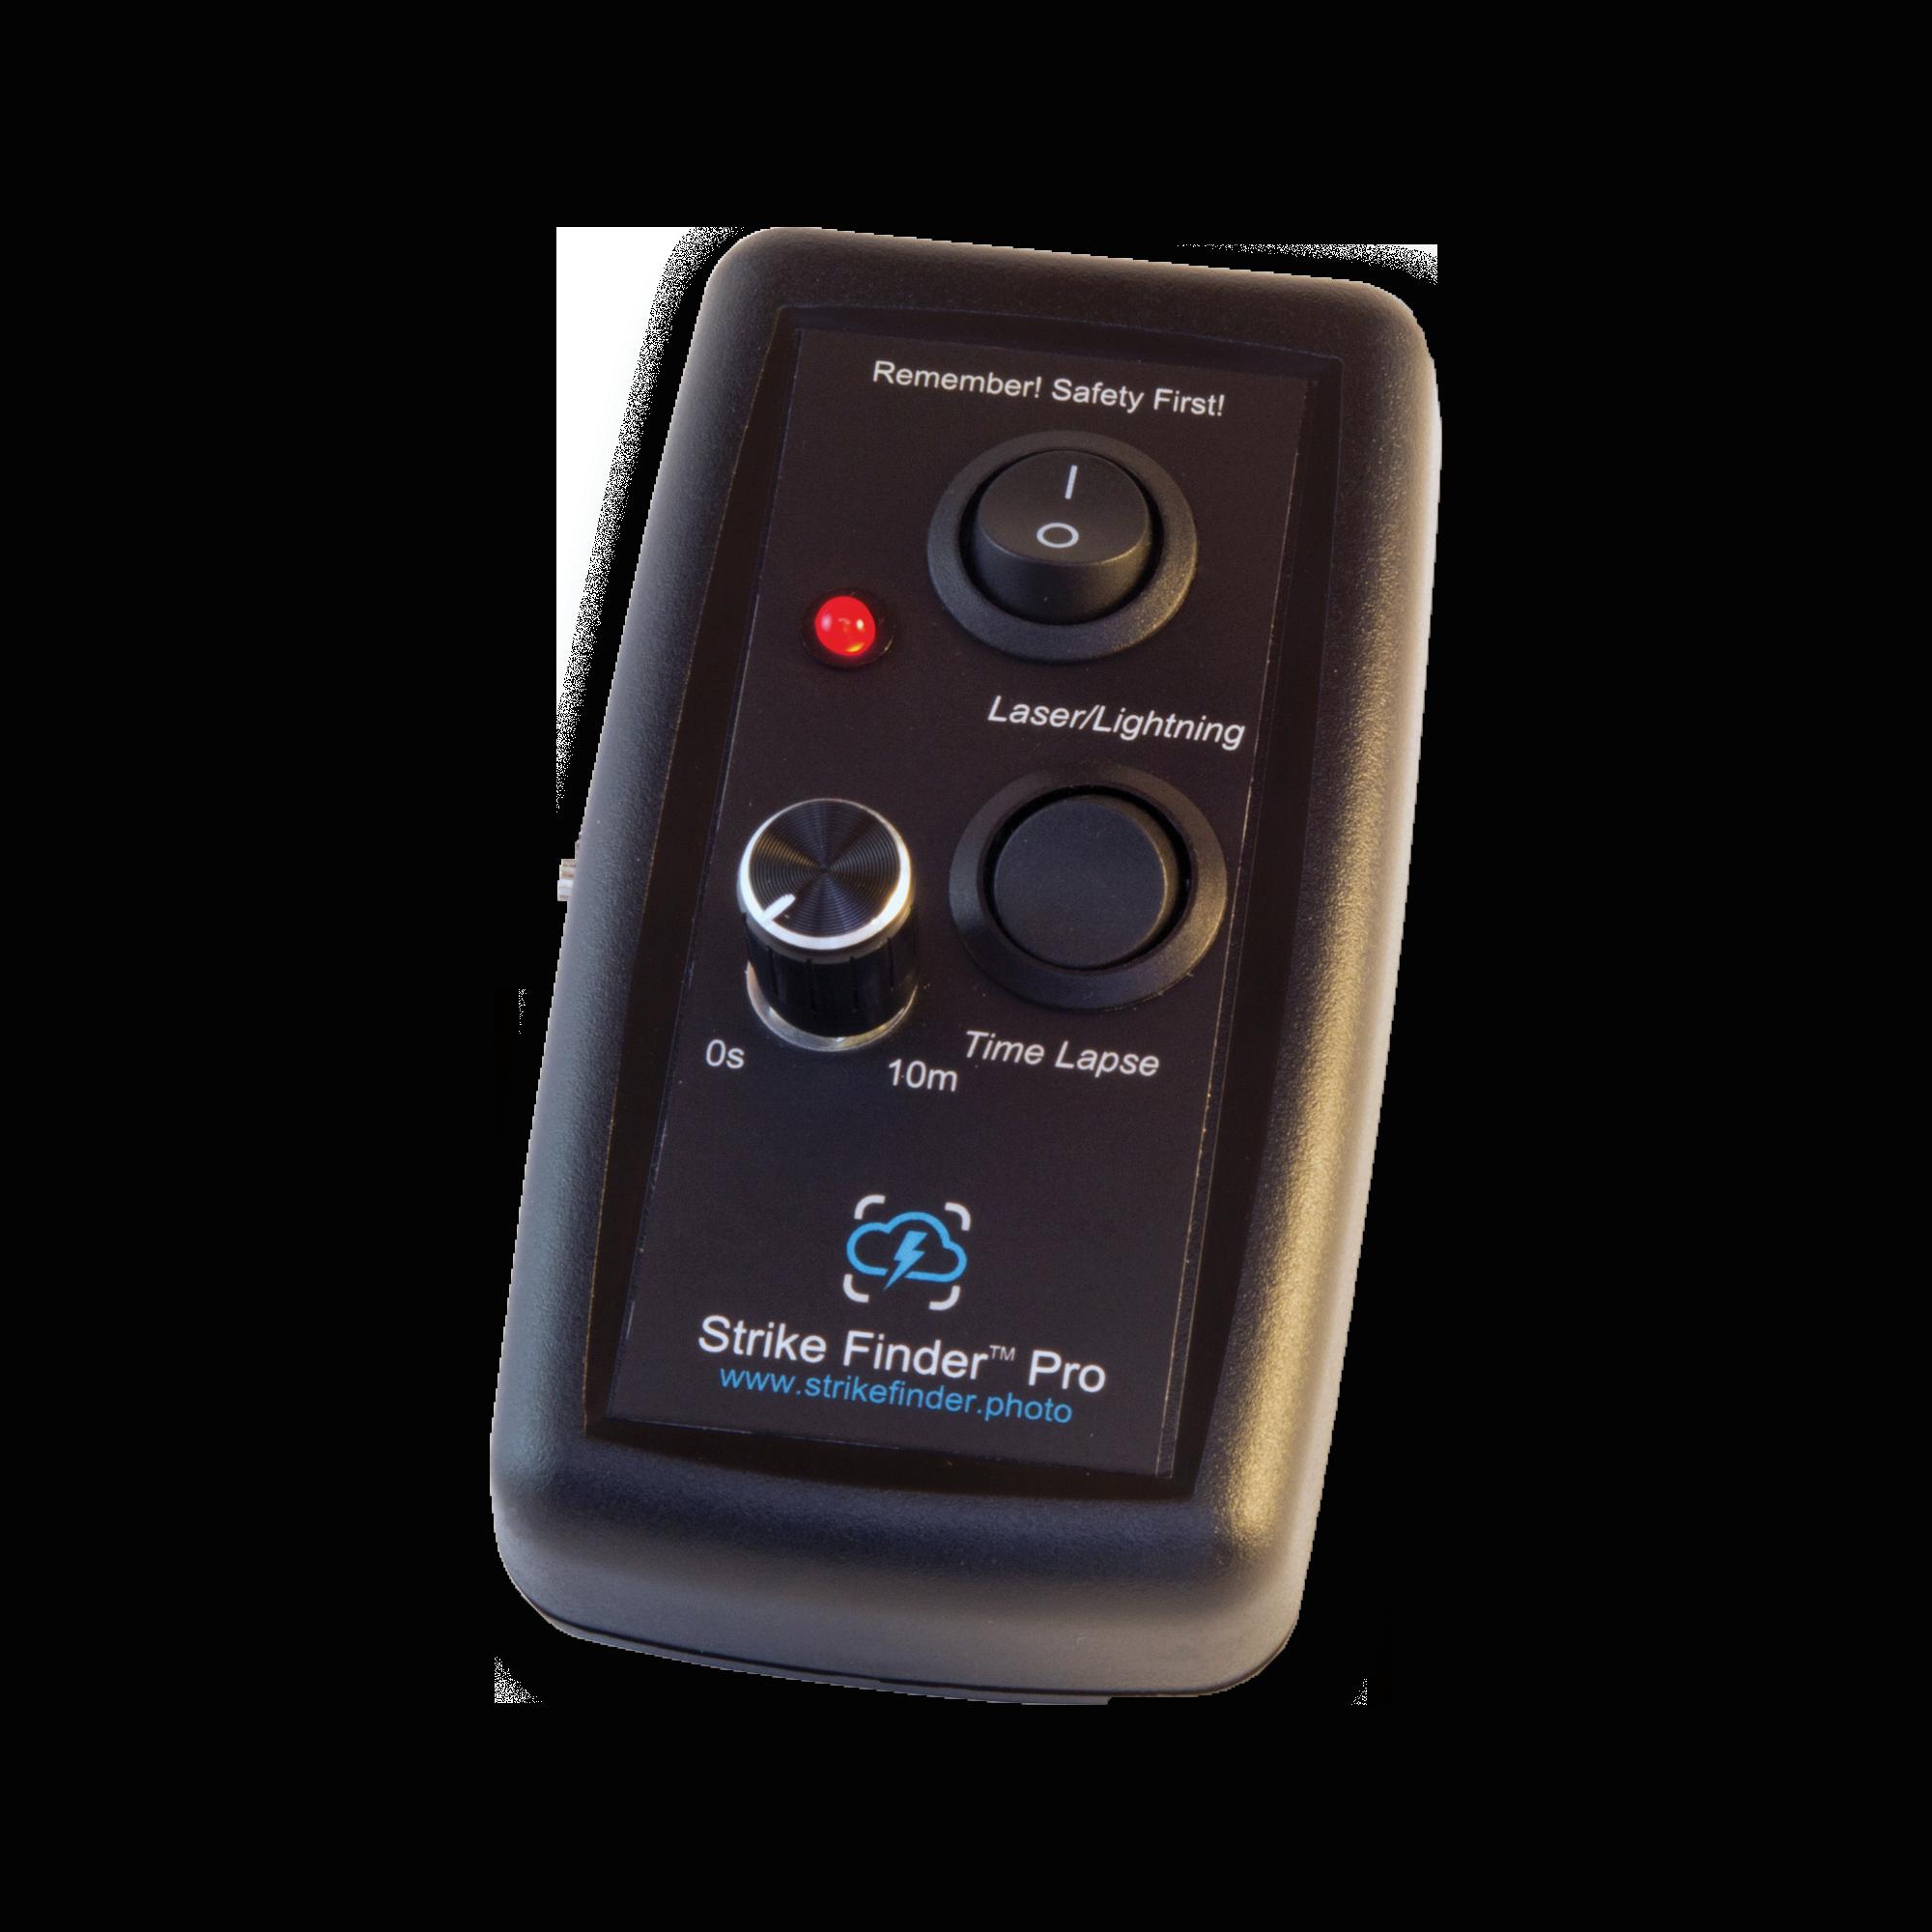 Strike Finder Pro camera trigger